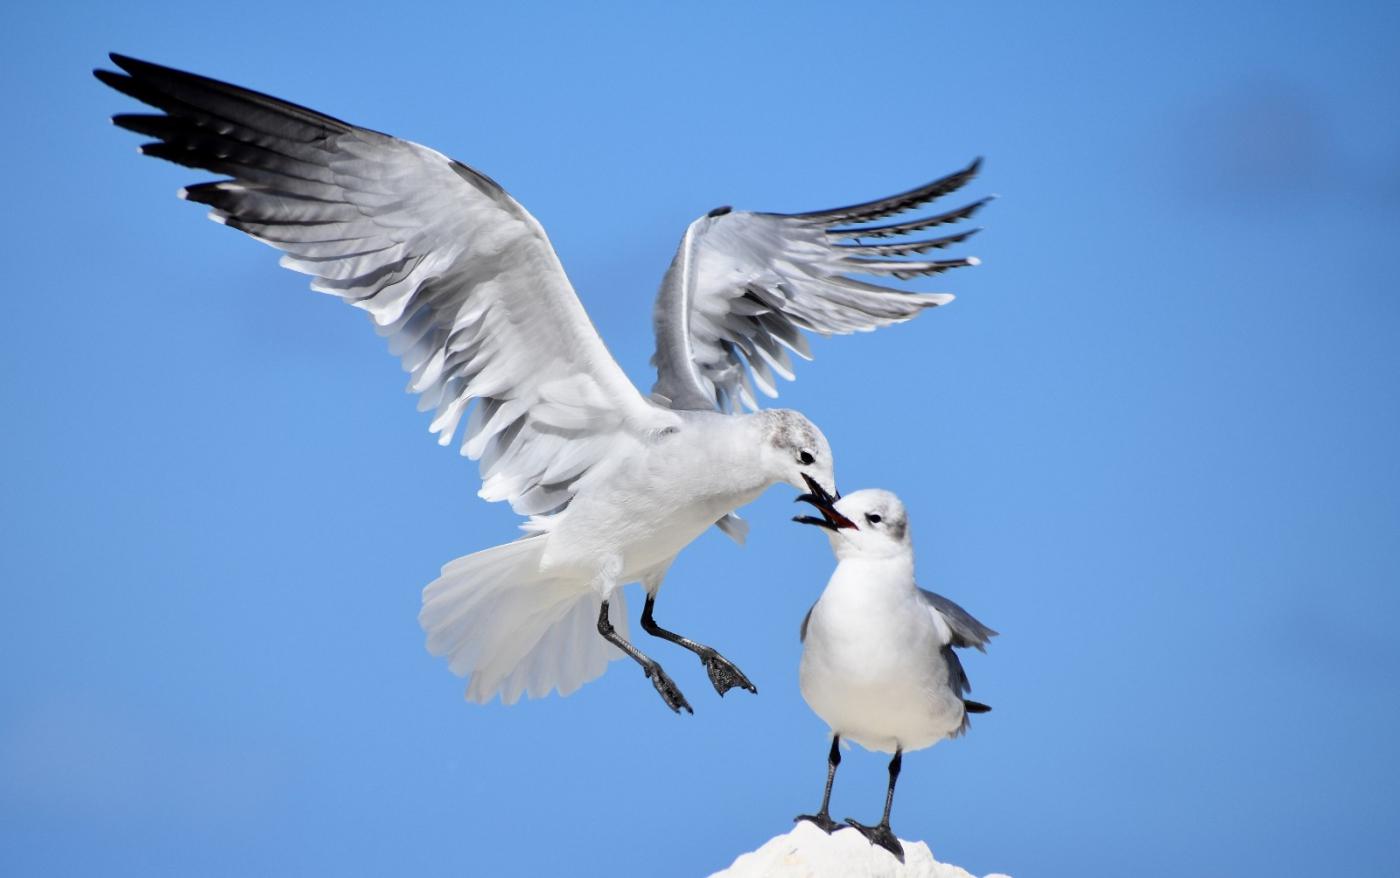 海鸥飞翔_图1-1